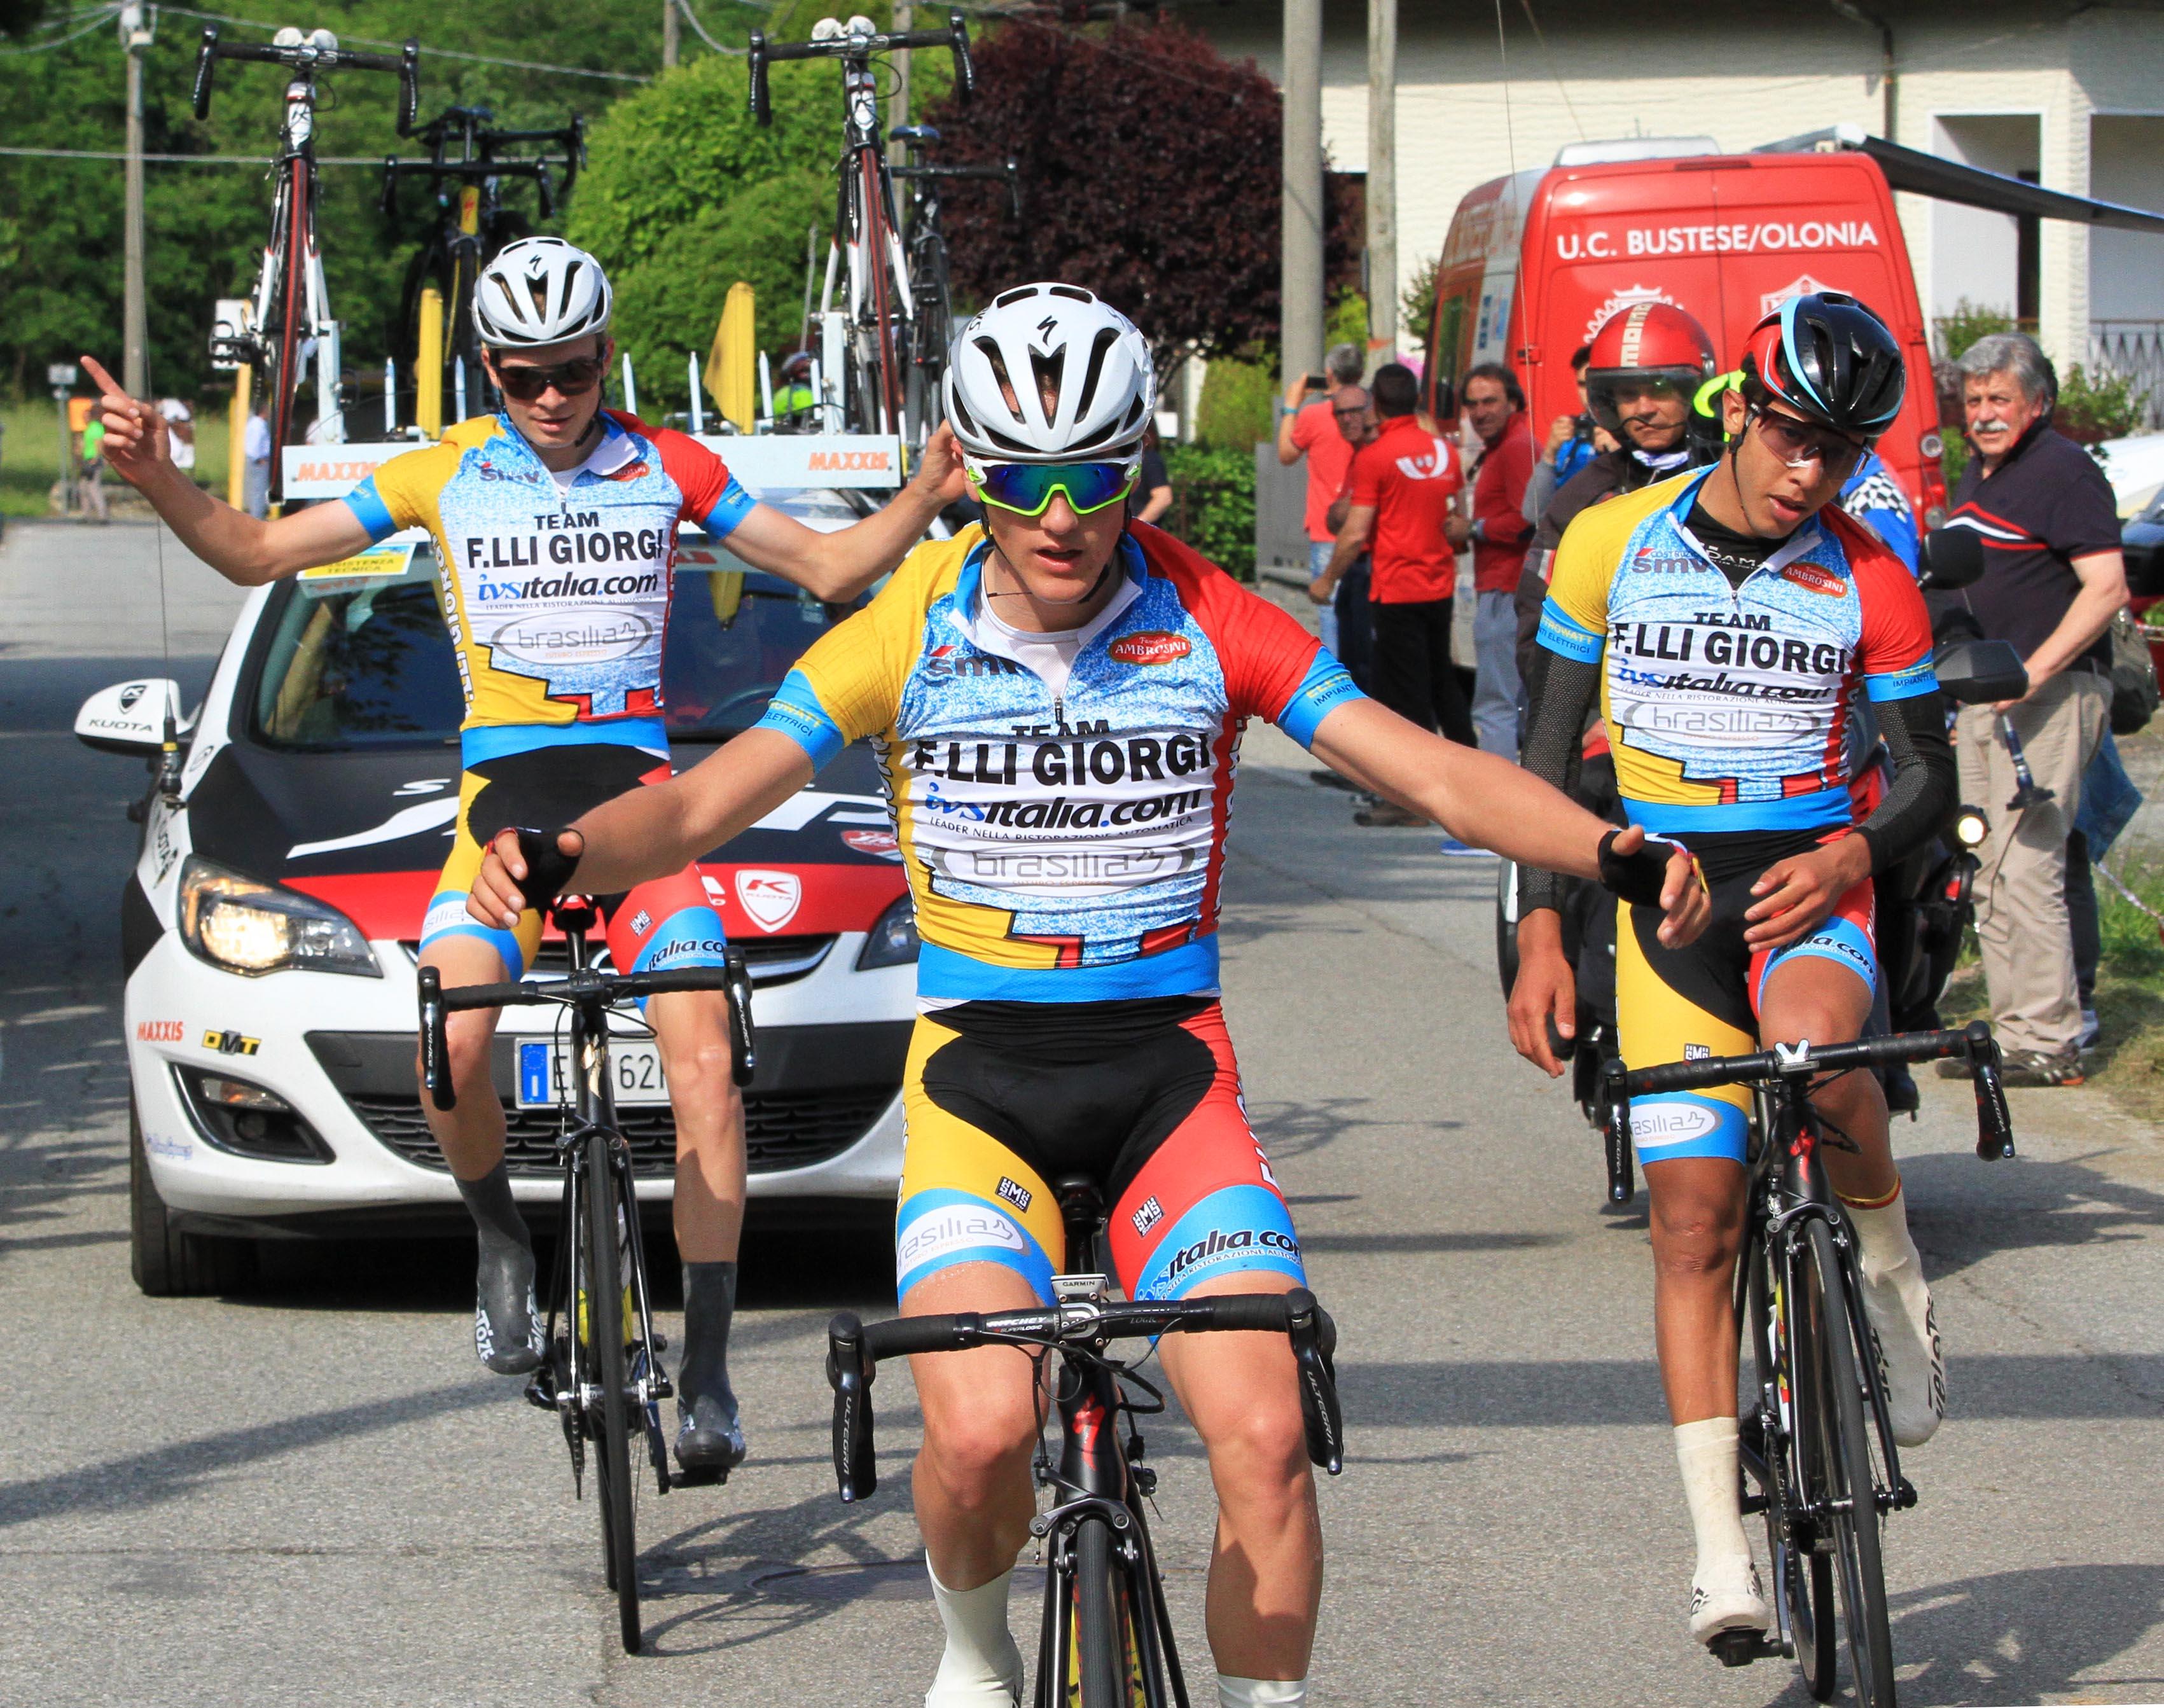 La tripletta del Team Giorgi a Calea con Martinelli, Sekkak e Vacek